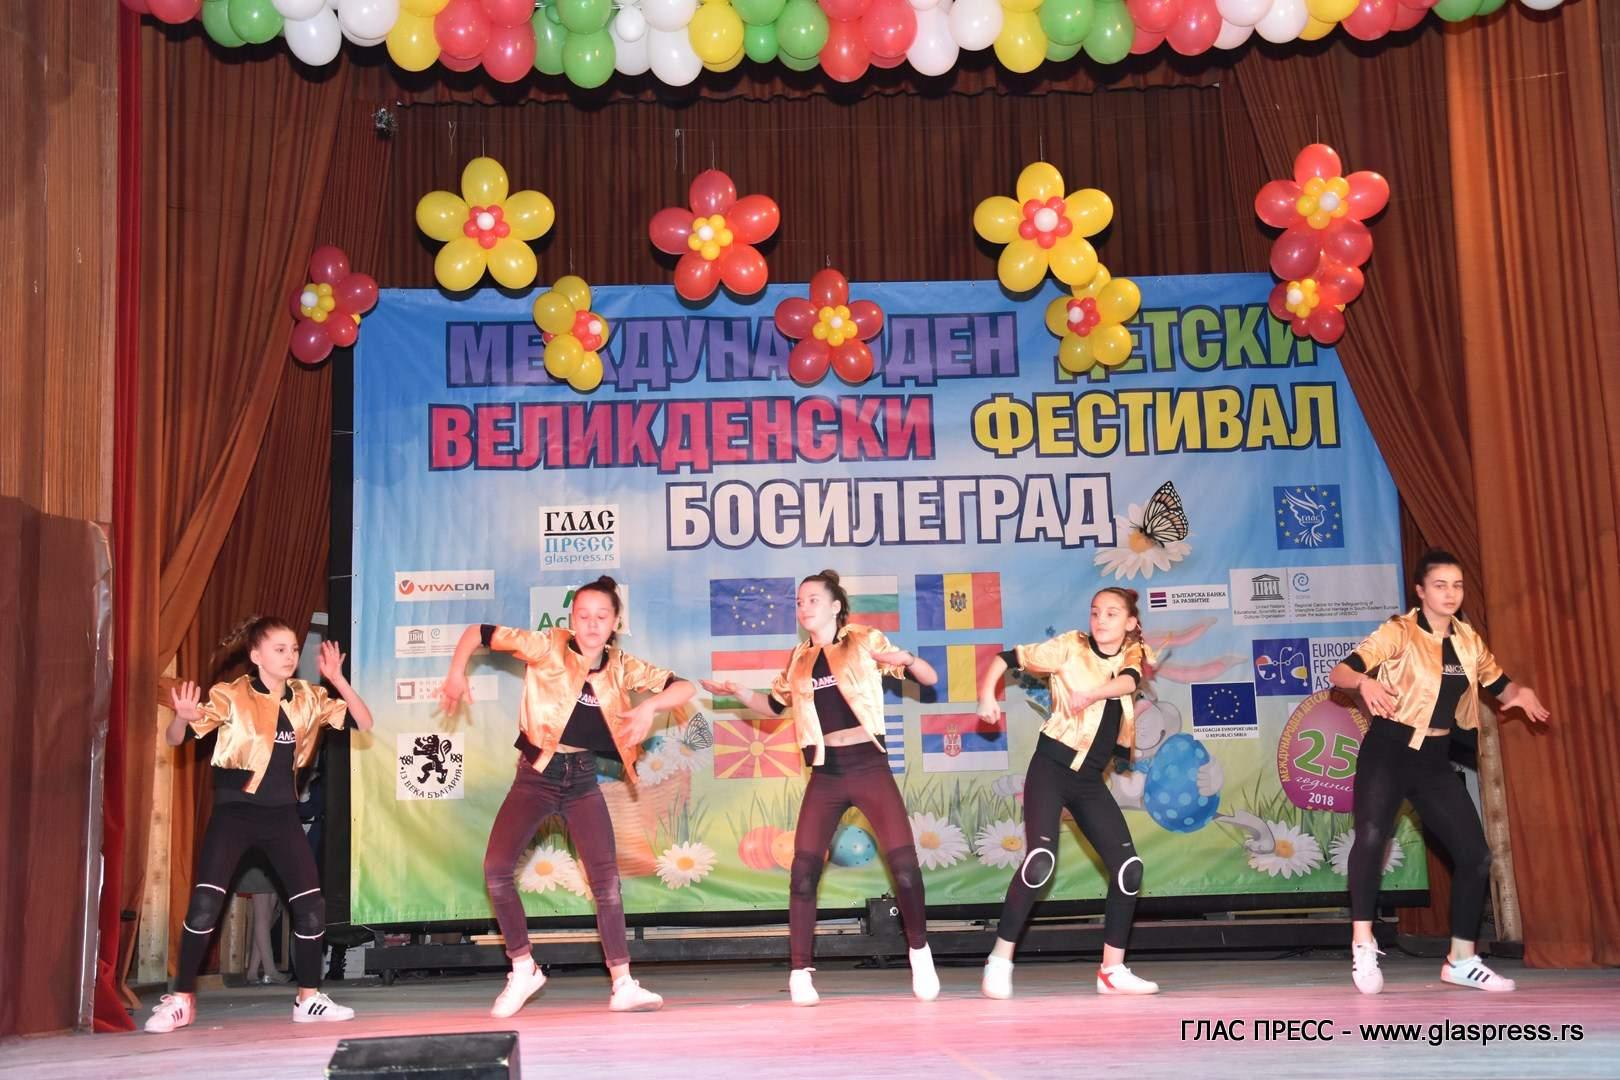 Фотогалерия от 25-ти Великденски фестивал в Босилеград, снимки от гала концерта 08.04.2018